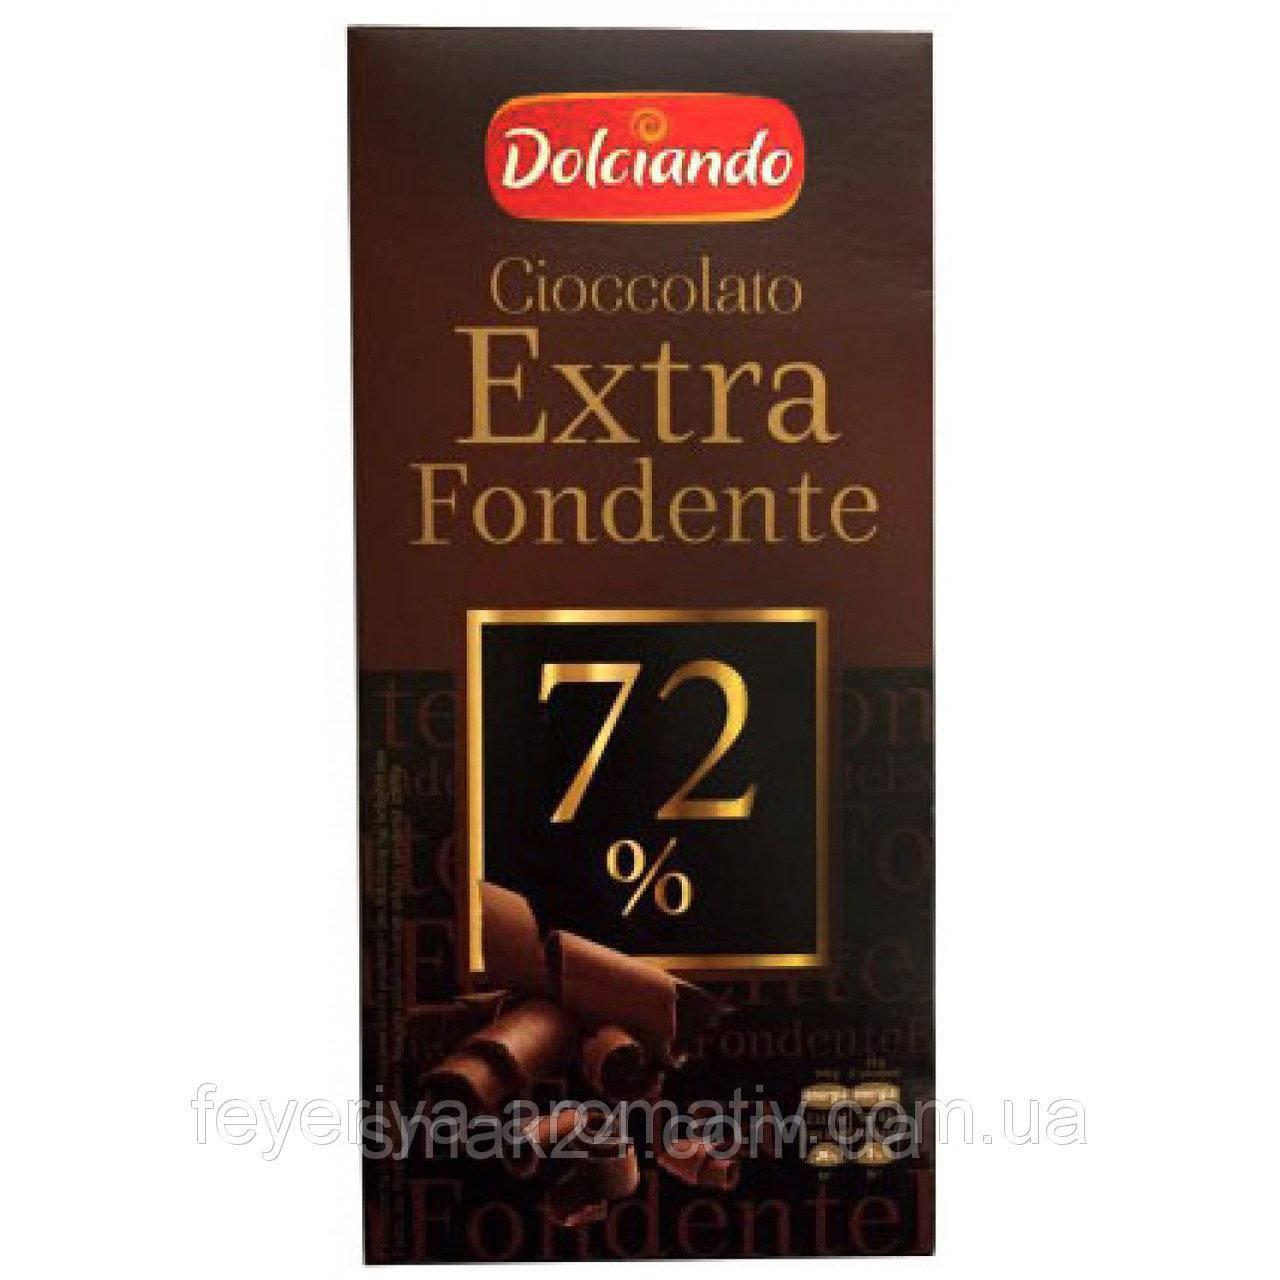 Шоколад Экстра черный Dolciando Cioccolato Extra Fondente 72%, 100 г Италия